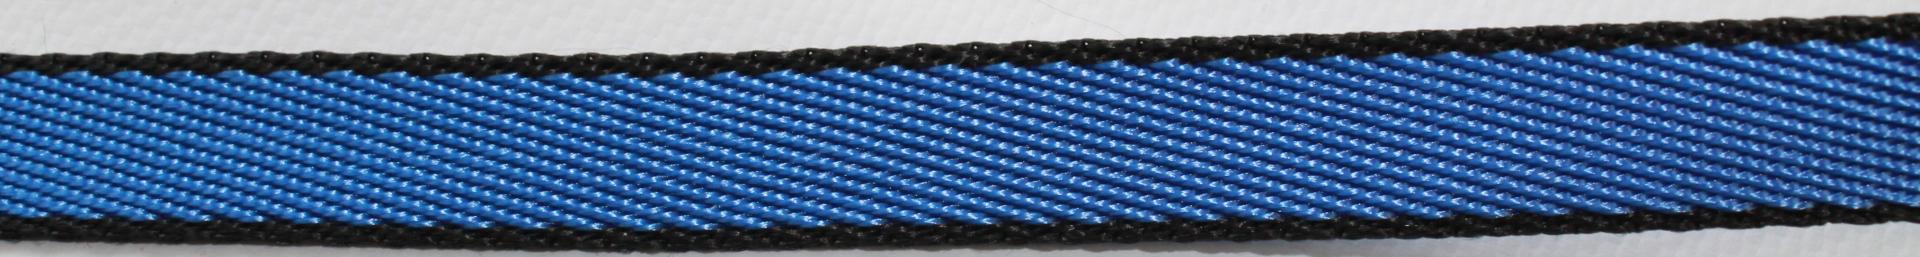 Поводок для собак Happy Friends, цвет: синий, ширина 1,4 см, длина 2 м поводок для собак happy friends цвет красный ширина 1 см длина 2 м